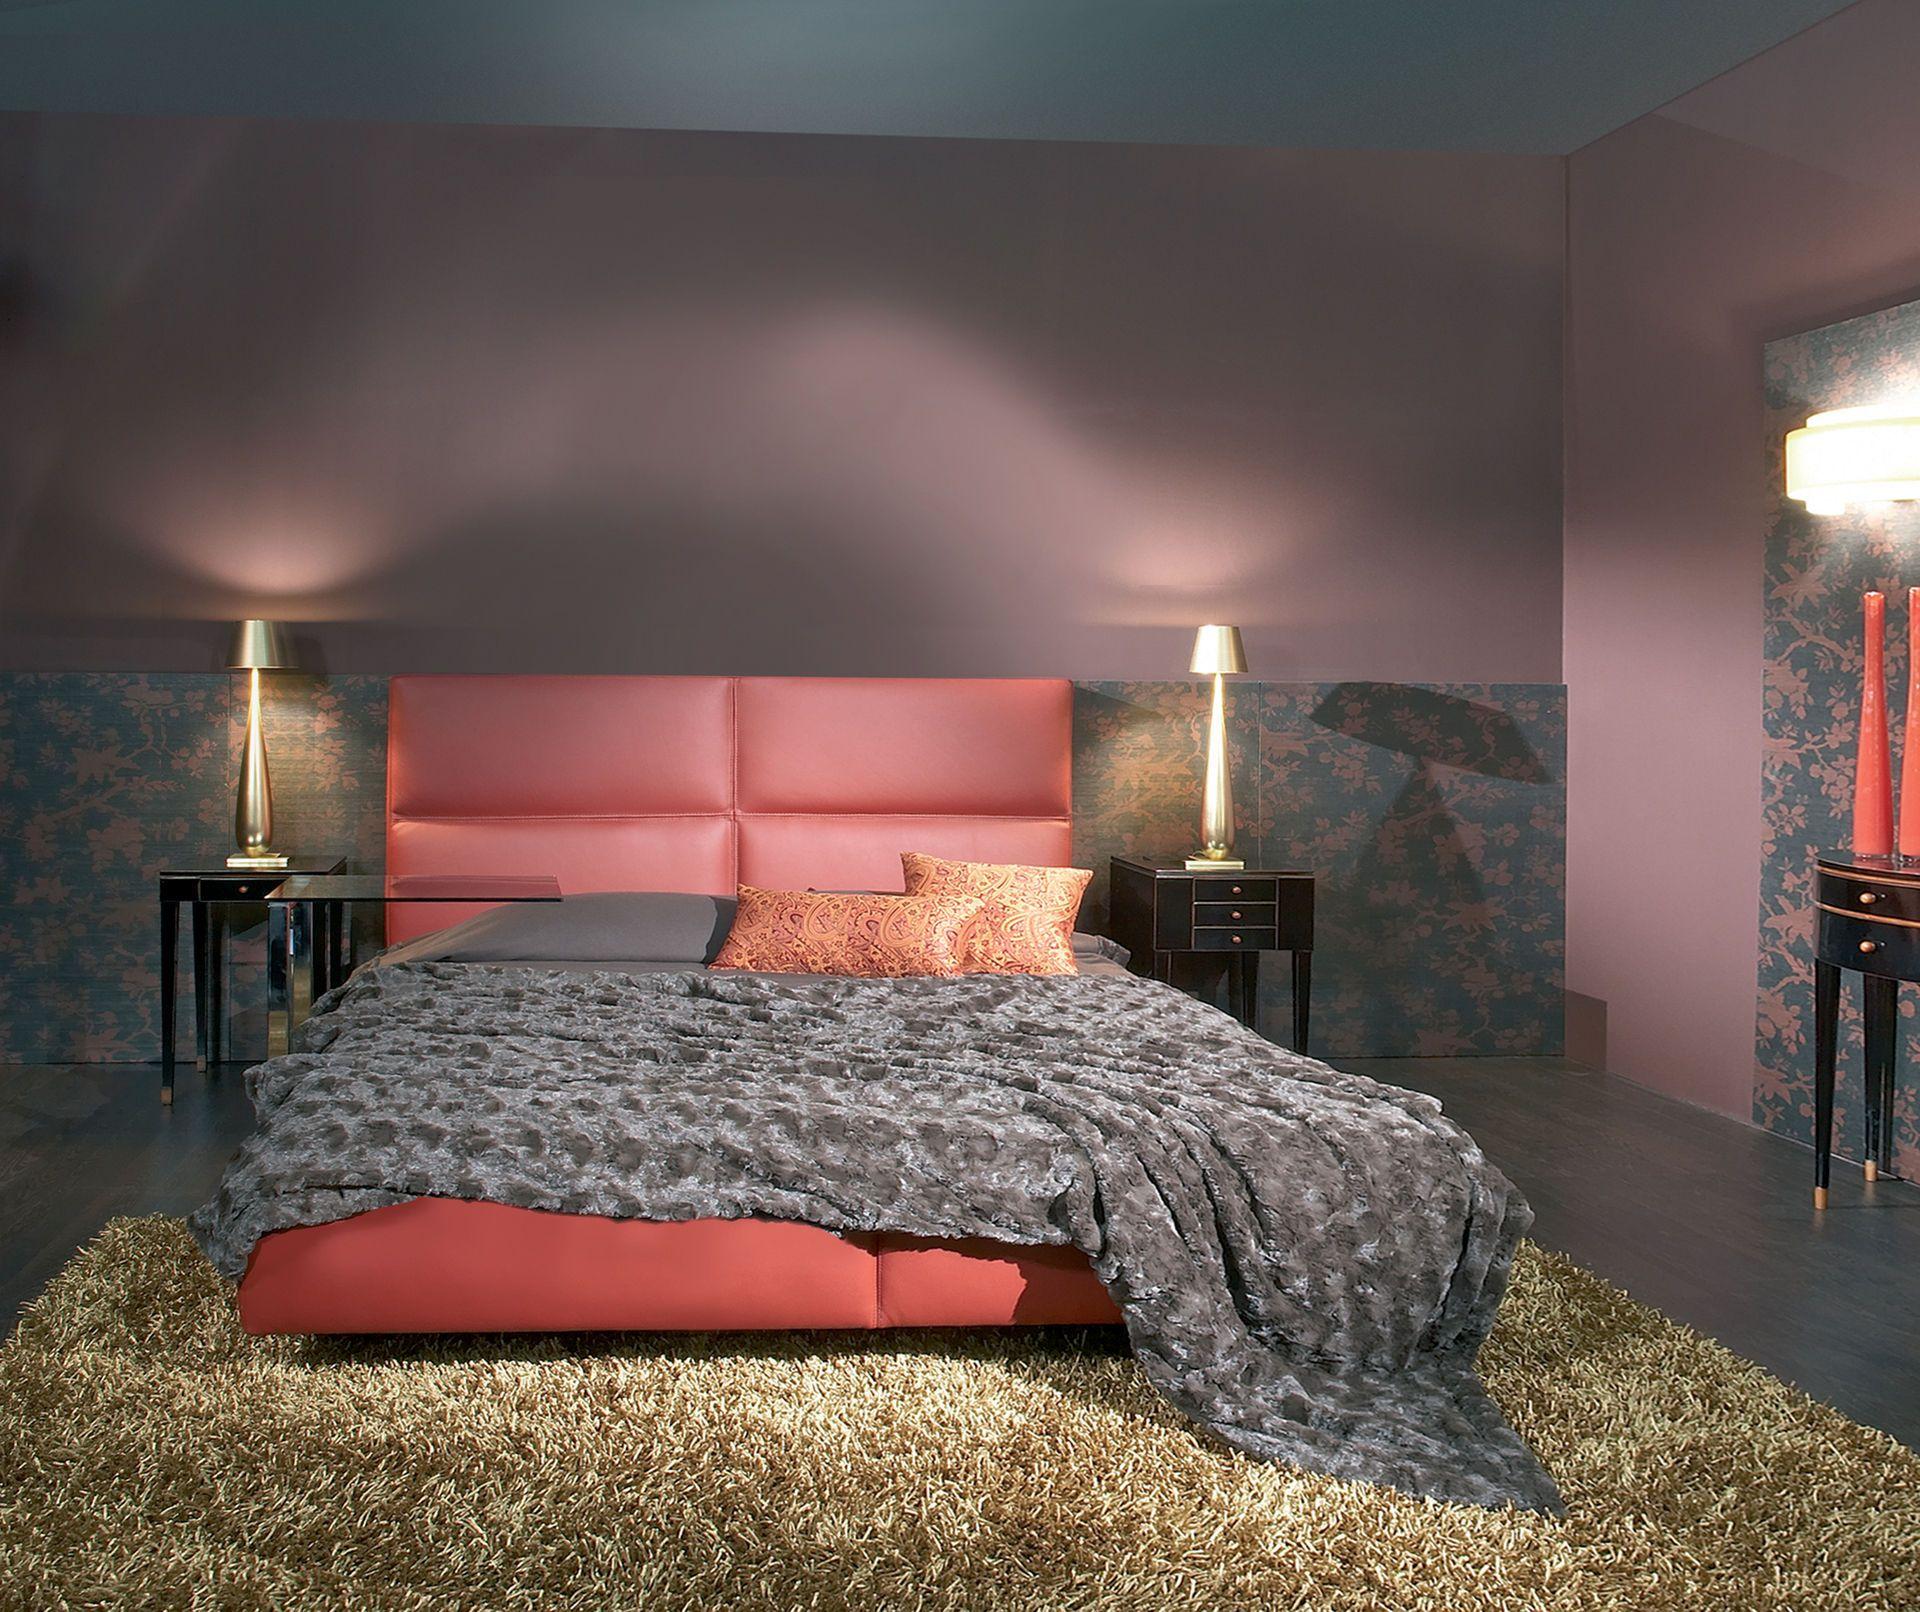 Schlafzimmer Erst Perfekt Mit Dem Richtigen Bett Bauemotion De